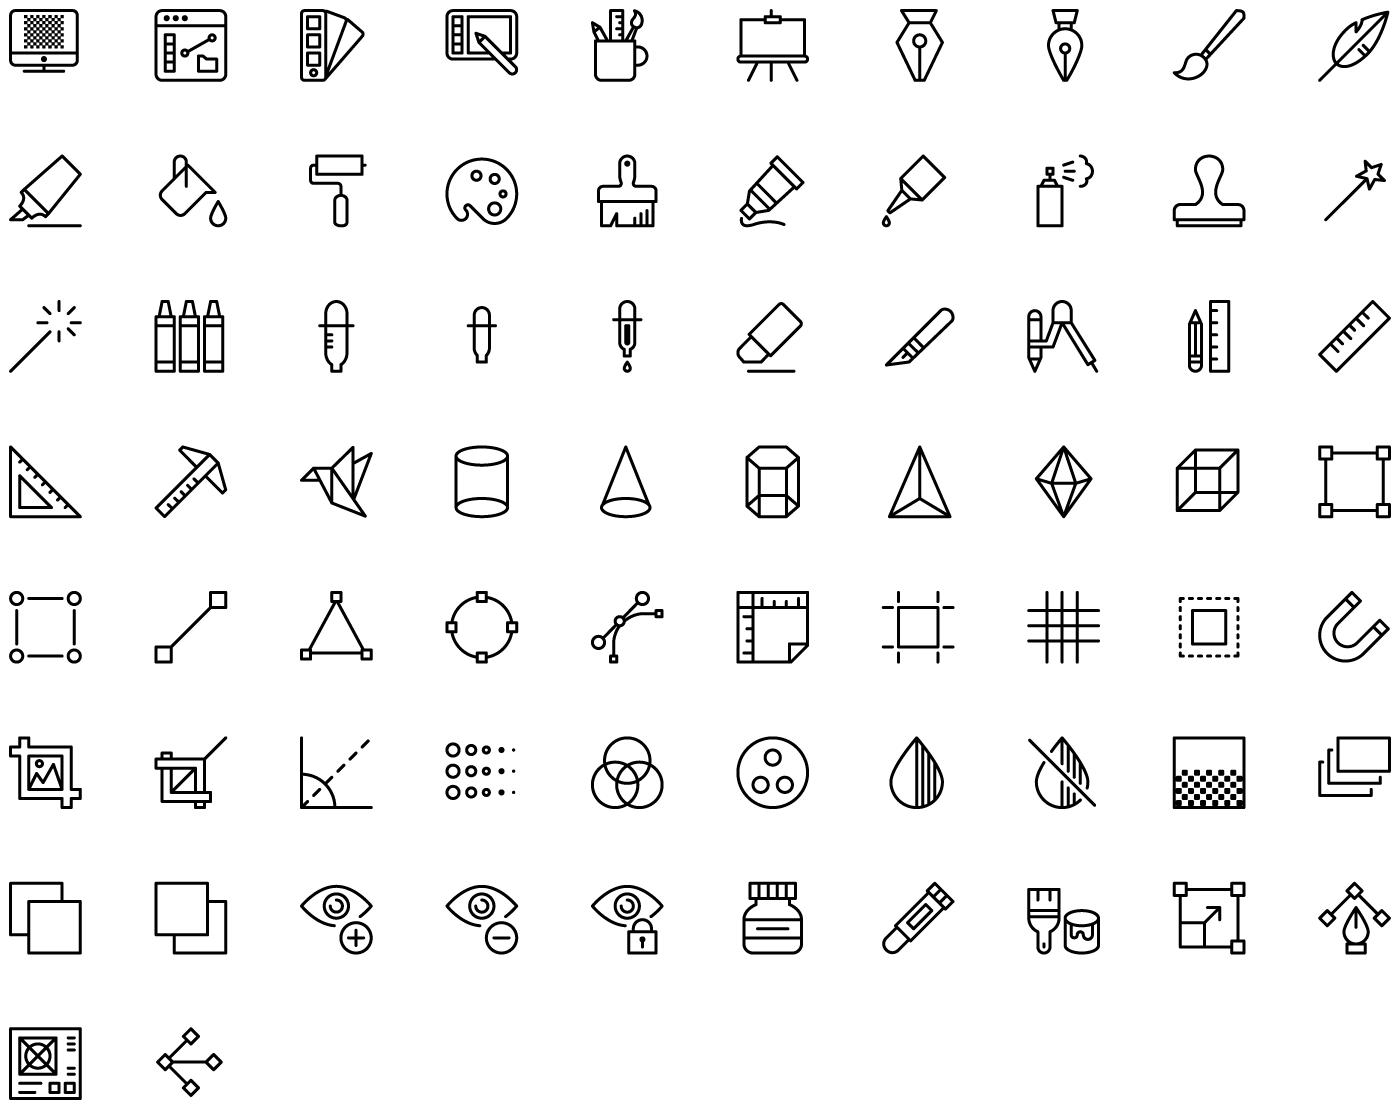 icons van Streamline